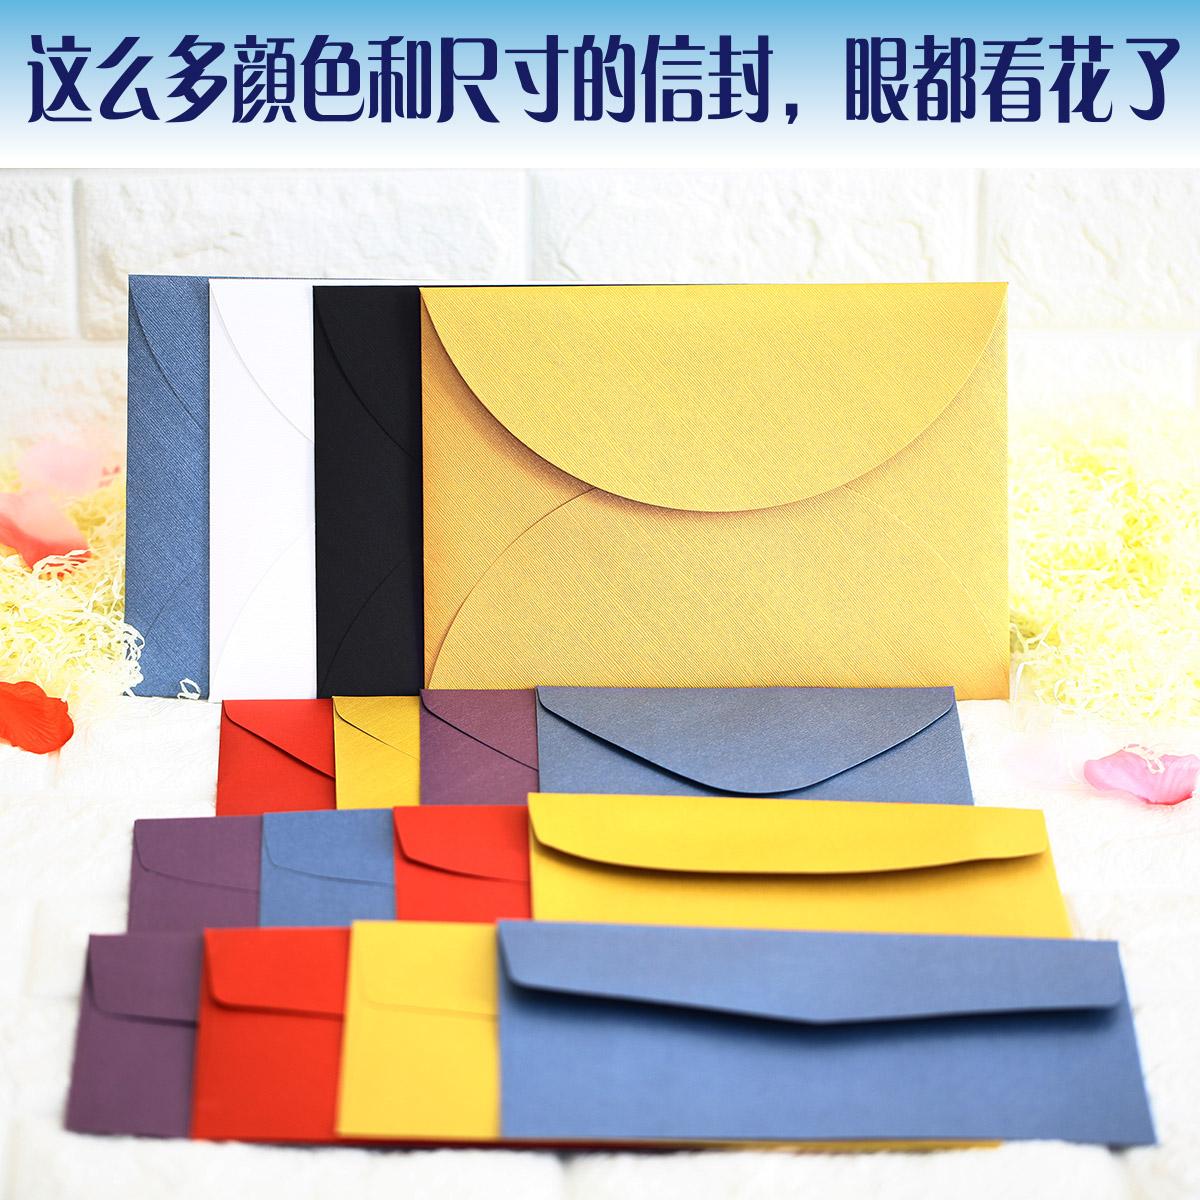 紫色信封包 请柬信封土豪金红兰色白色紫色黑色信封袋子纸袋四色信封袋红包赛_推荐淘宝好看的紫色信封包